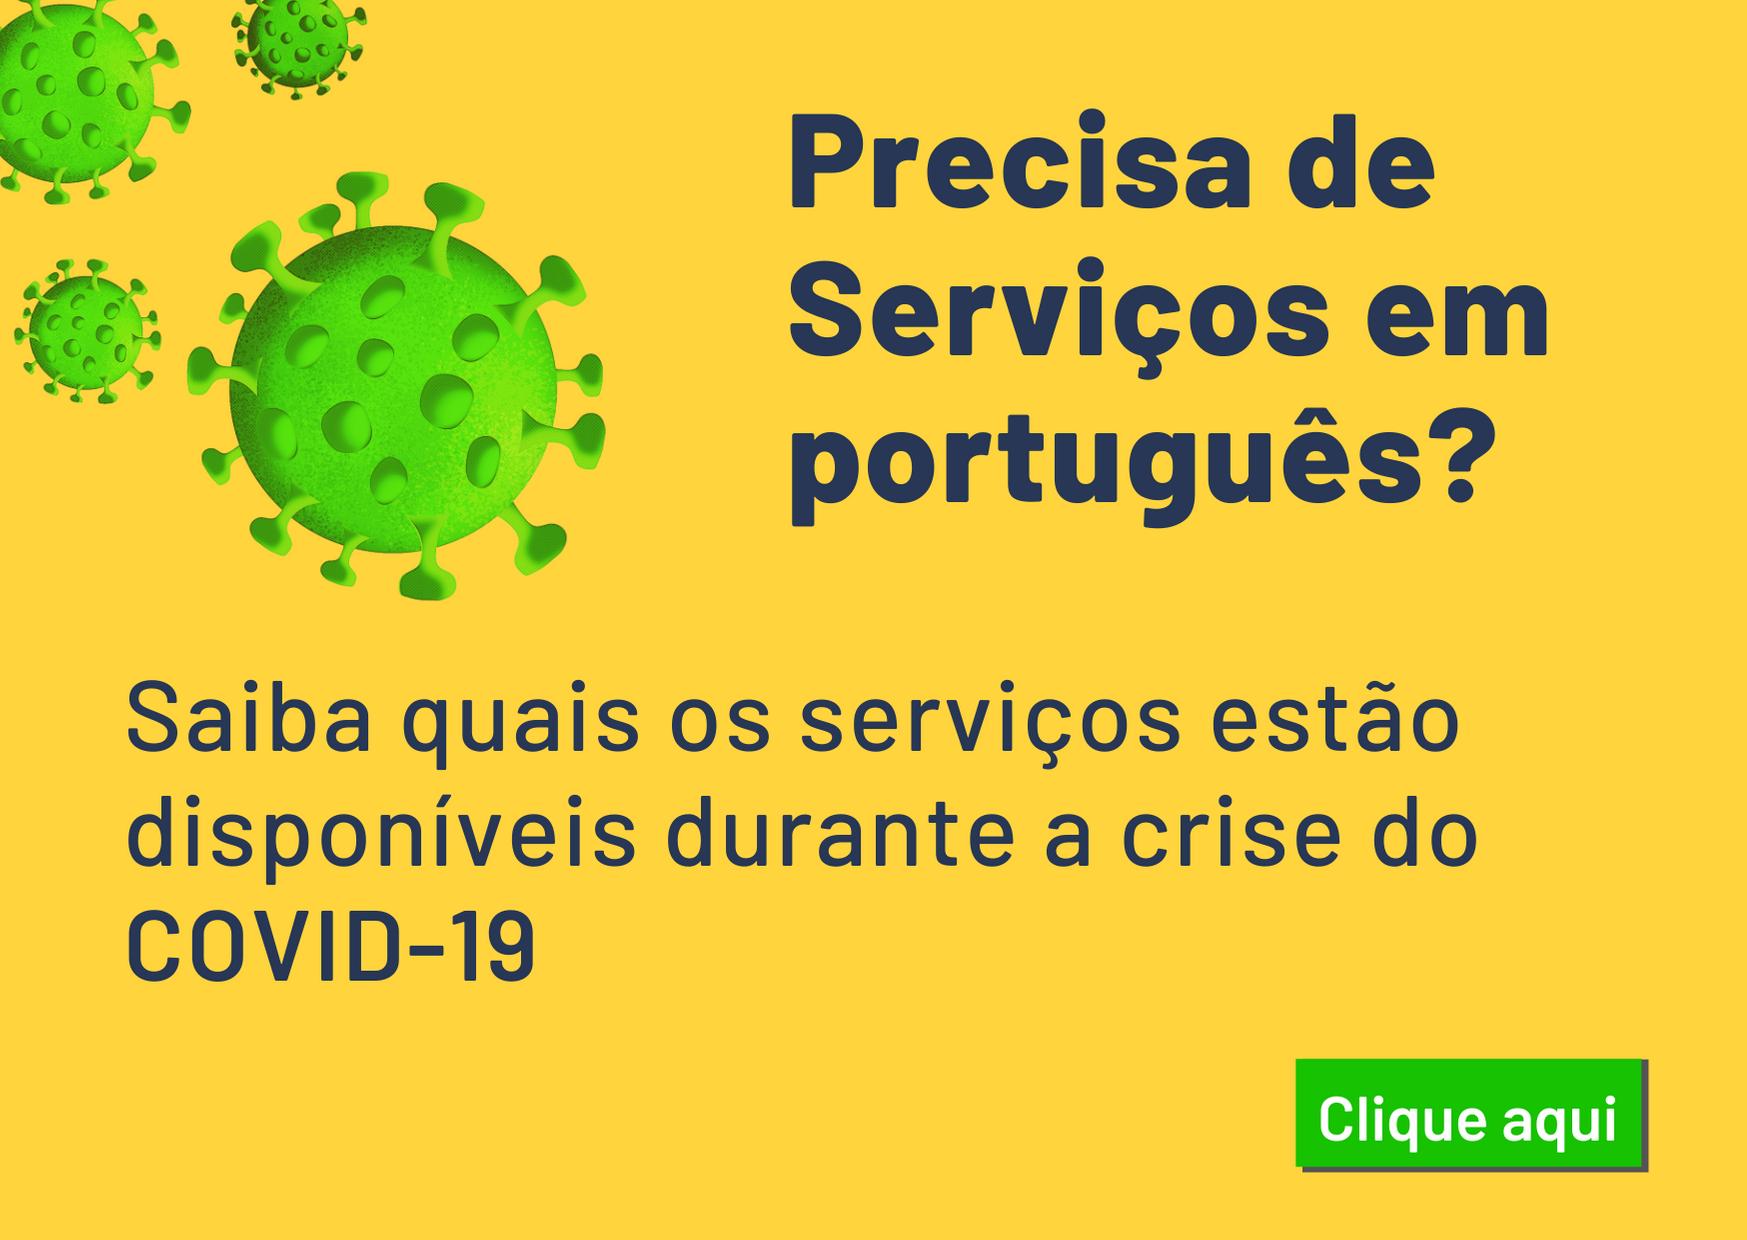 Covid-19-Serviços em português